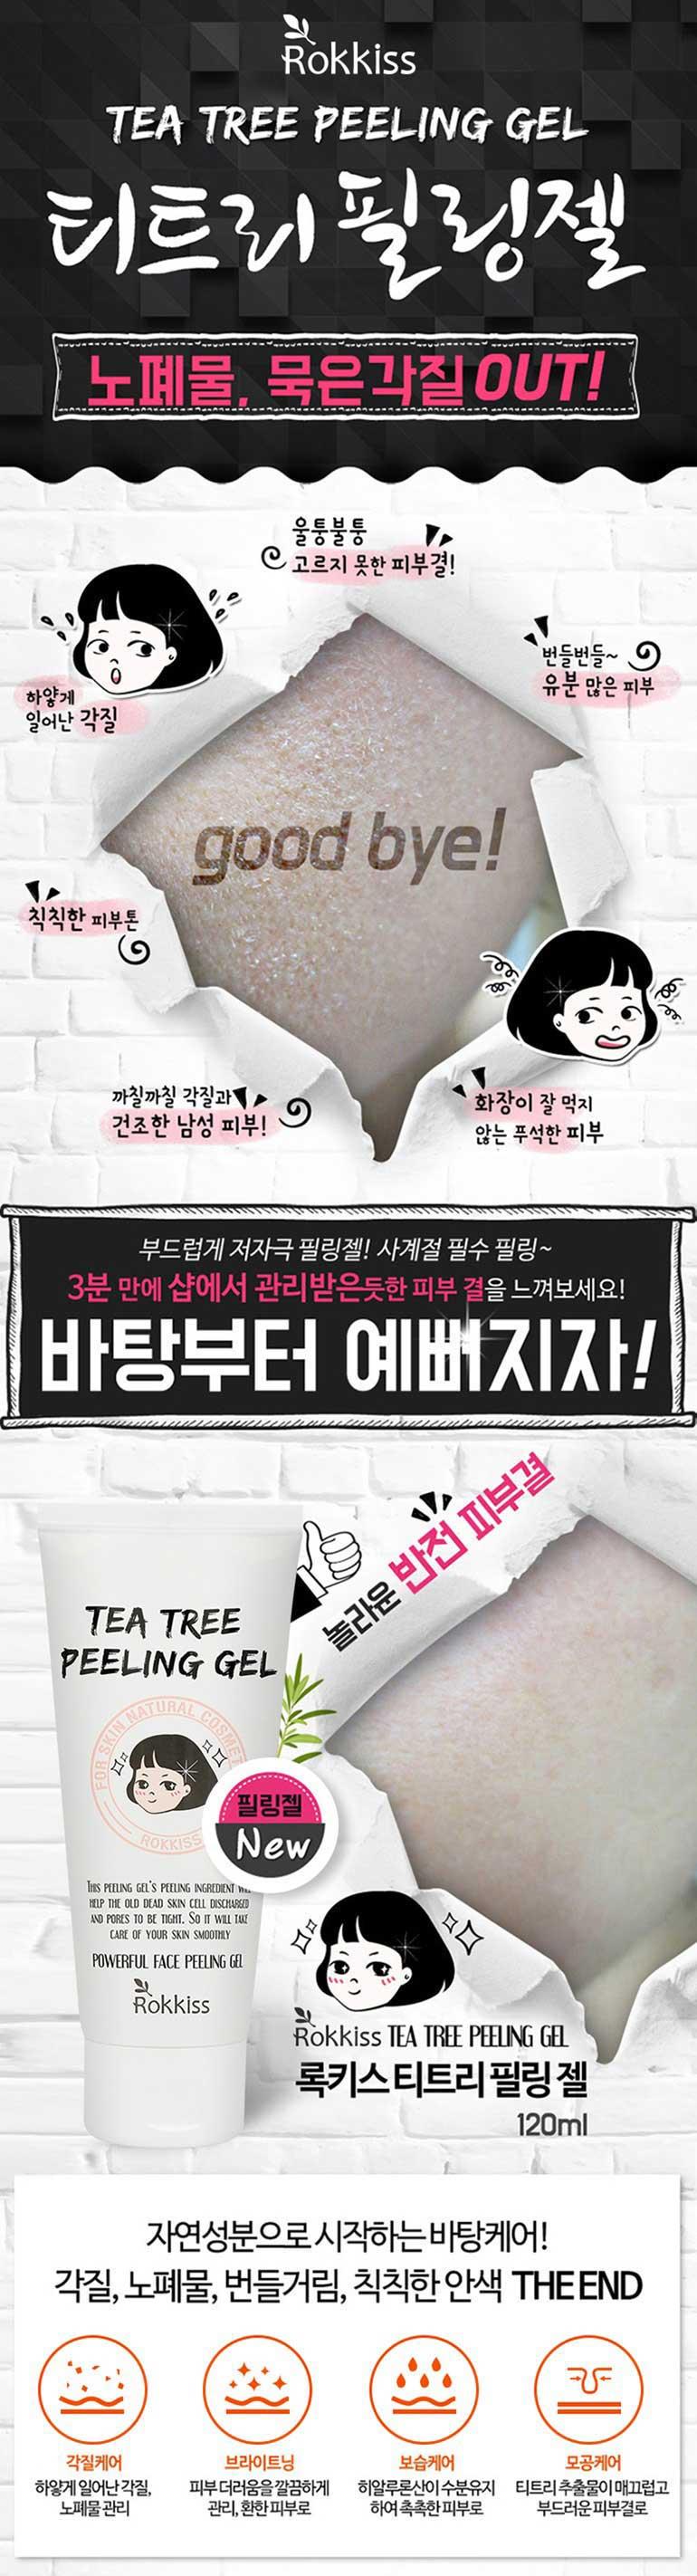 rokkiss-tea-tree-peeling-gel-korean-cosmetics-1.jpg